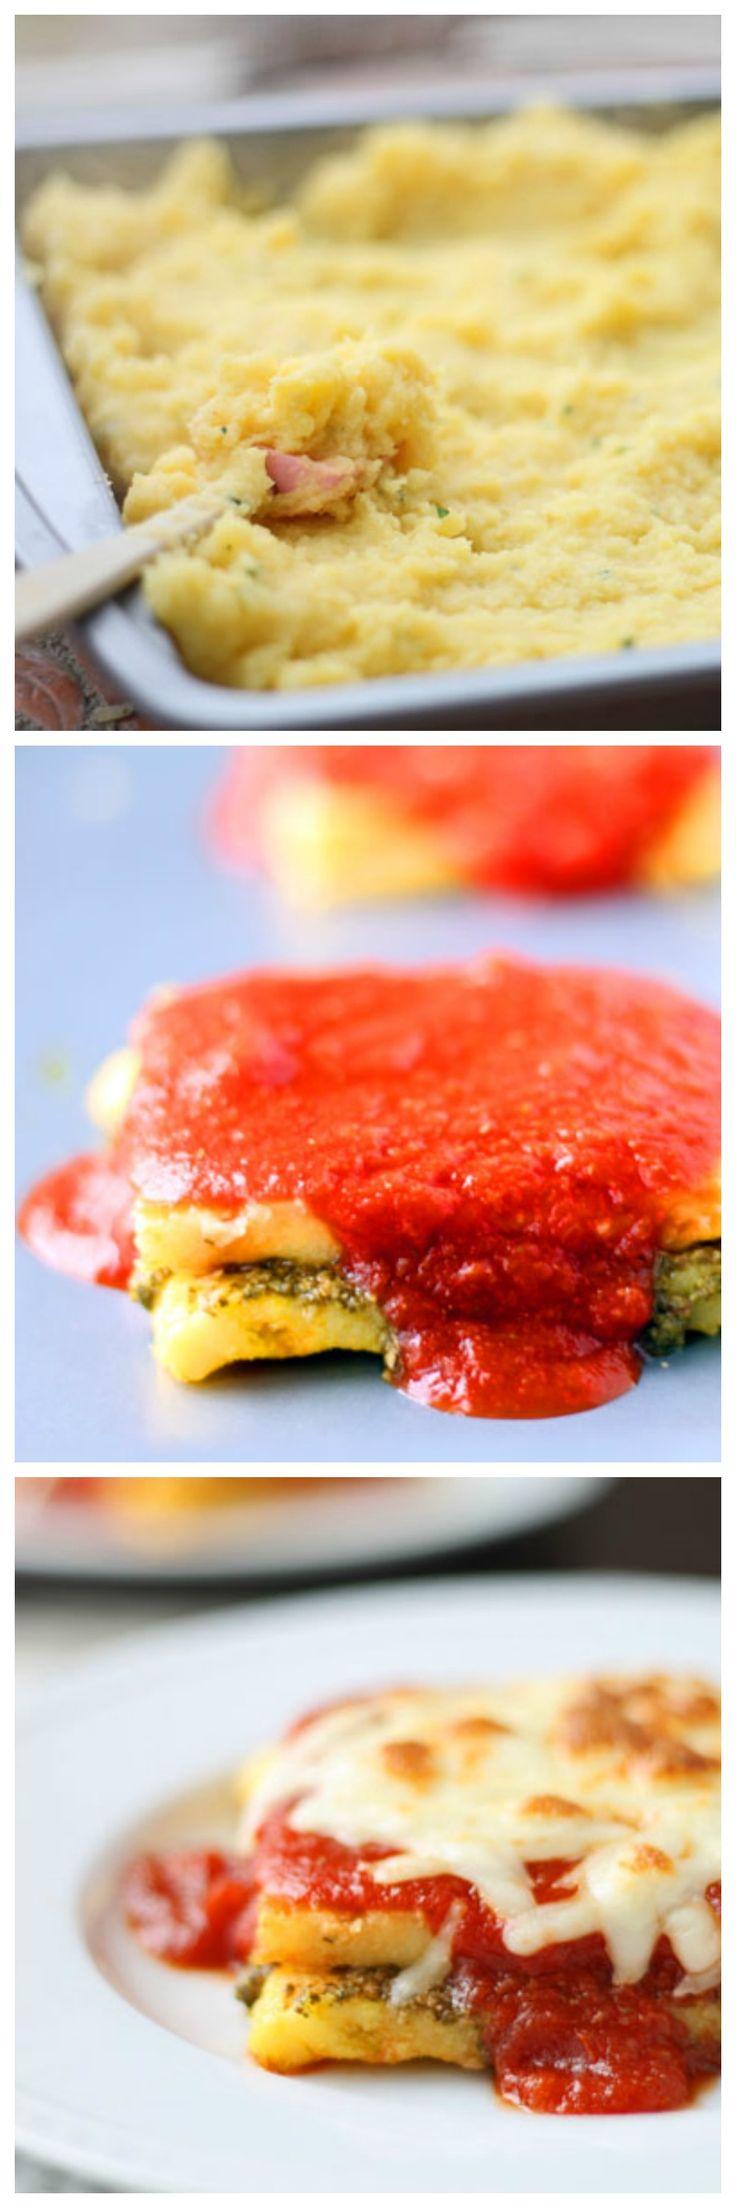 17 Best ideas about Polenta Lasagna on Pinterest | Polenta recipes ...